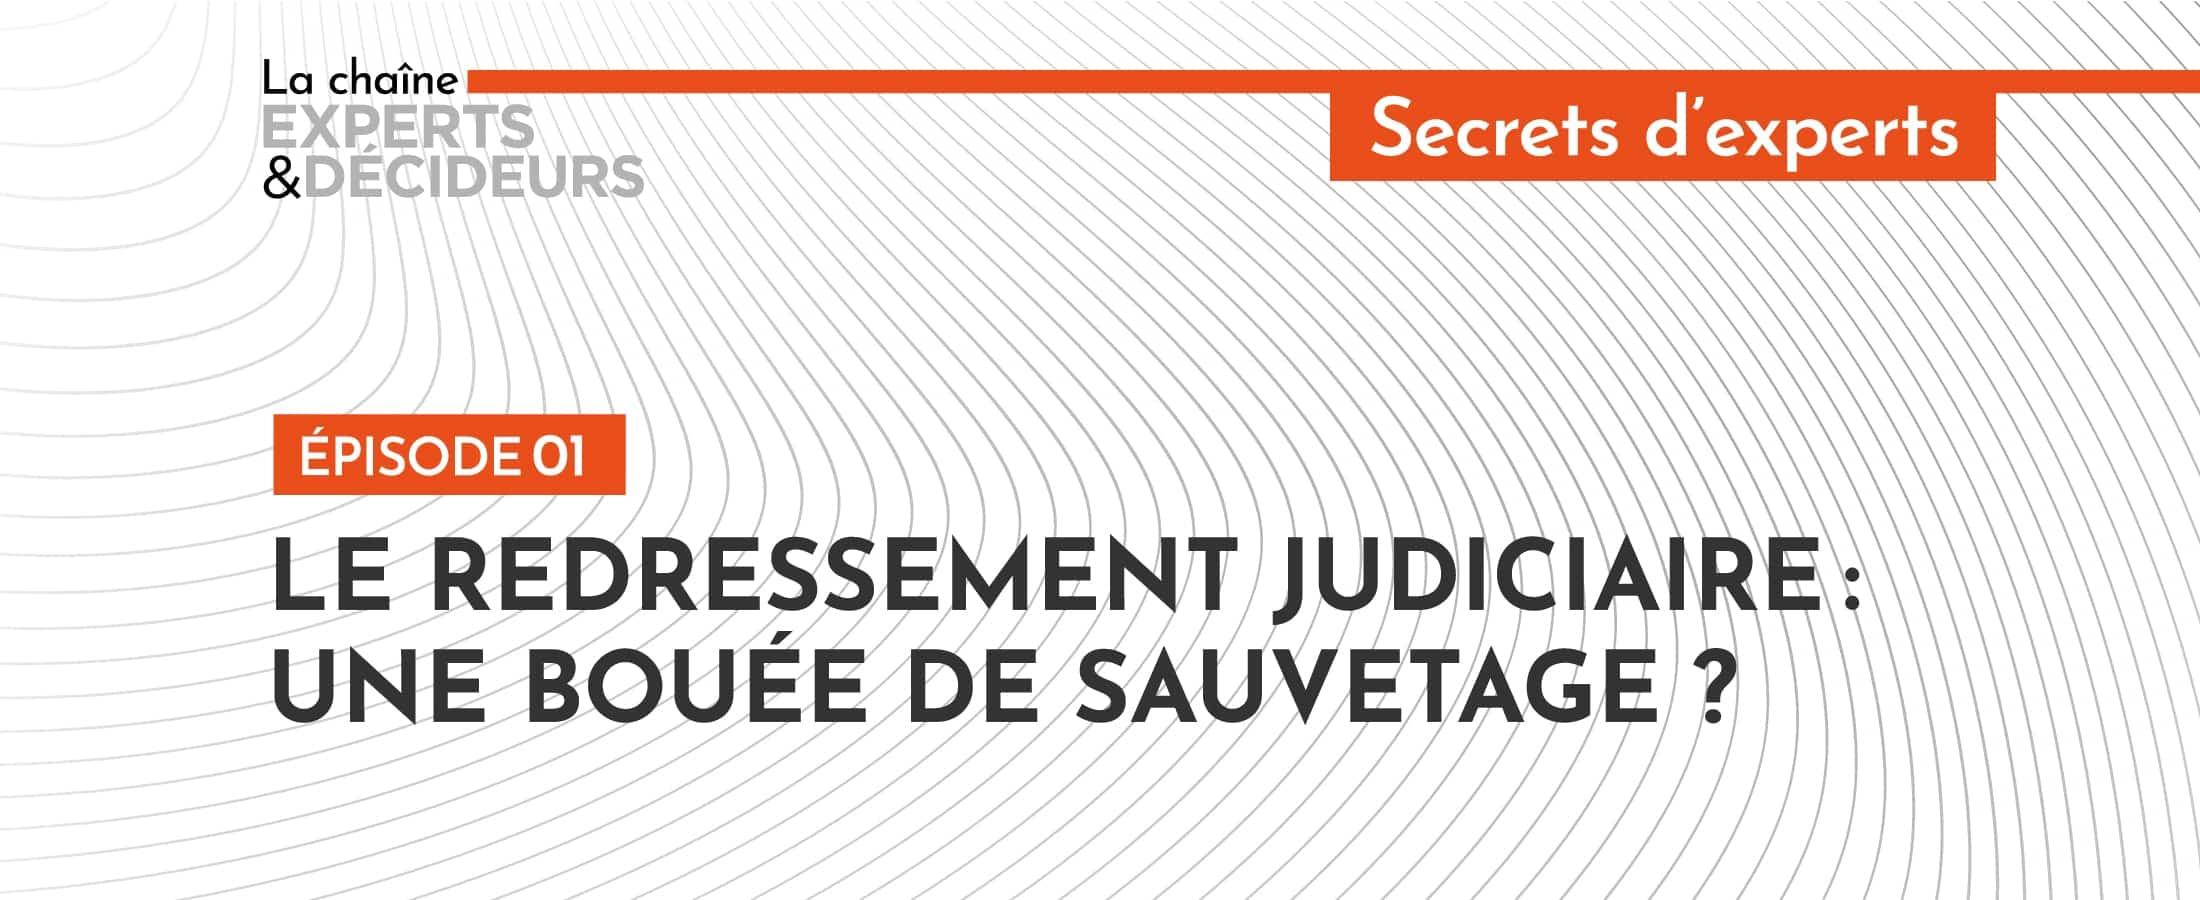 [Podcast] Le redressement judiciaire, une bouée de sauvetage?